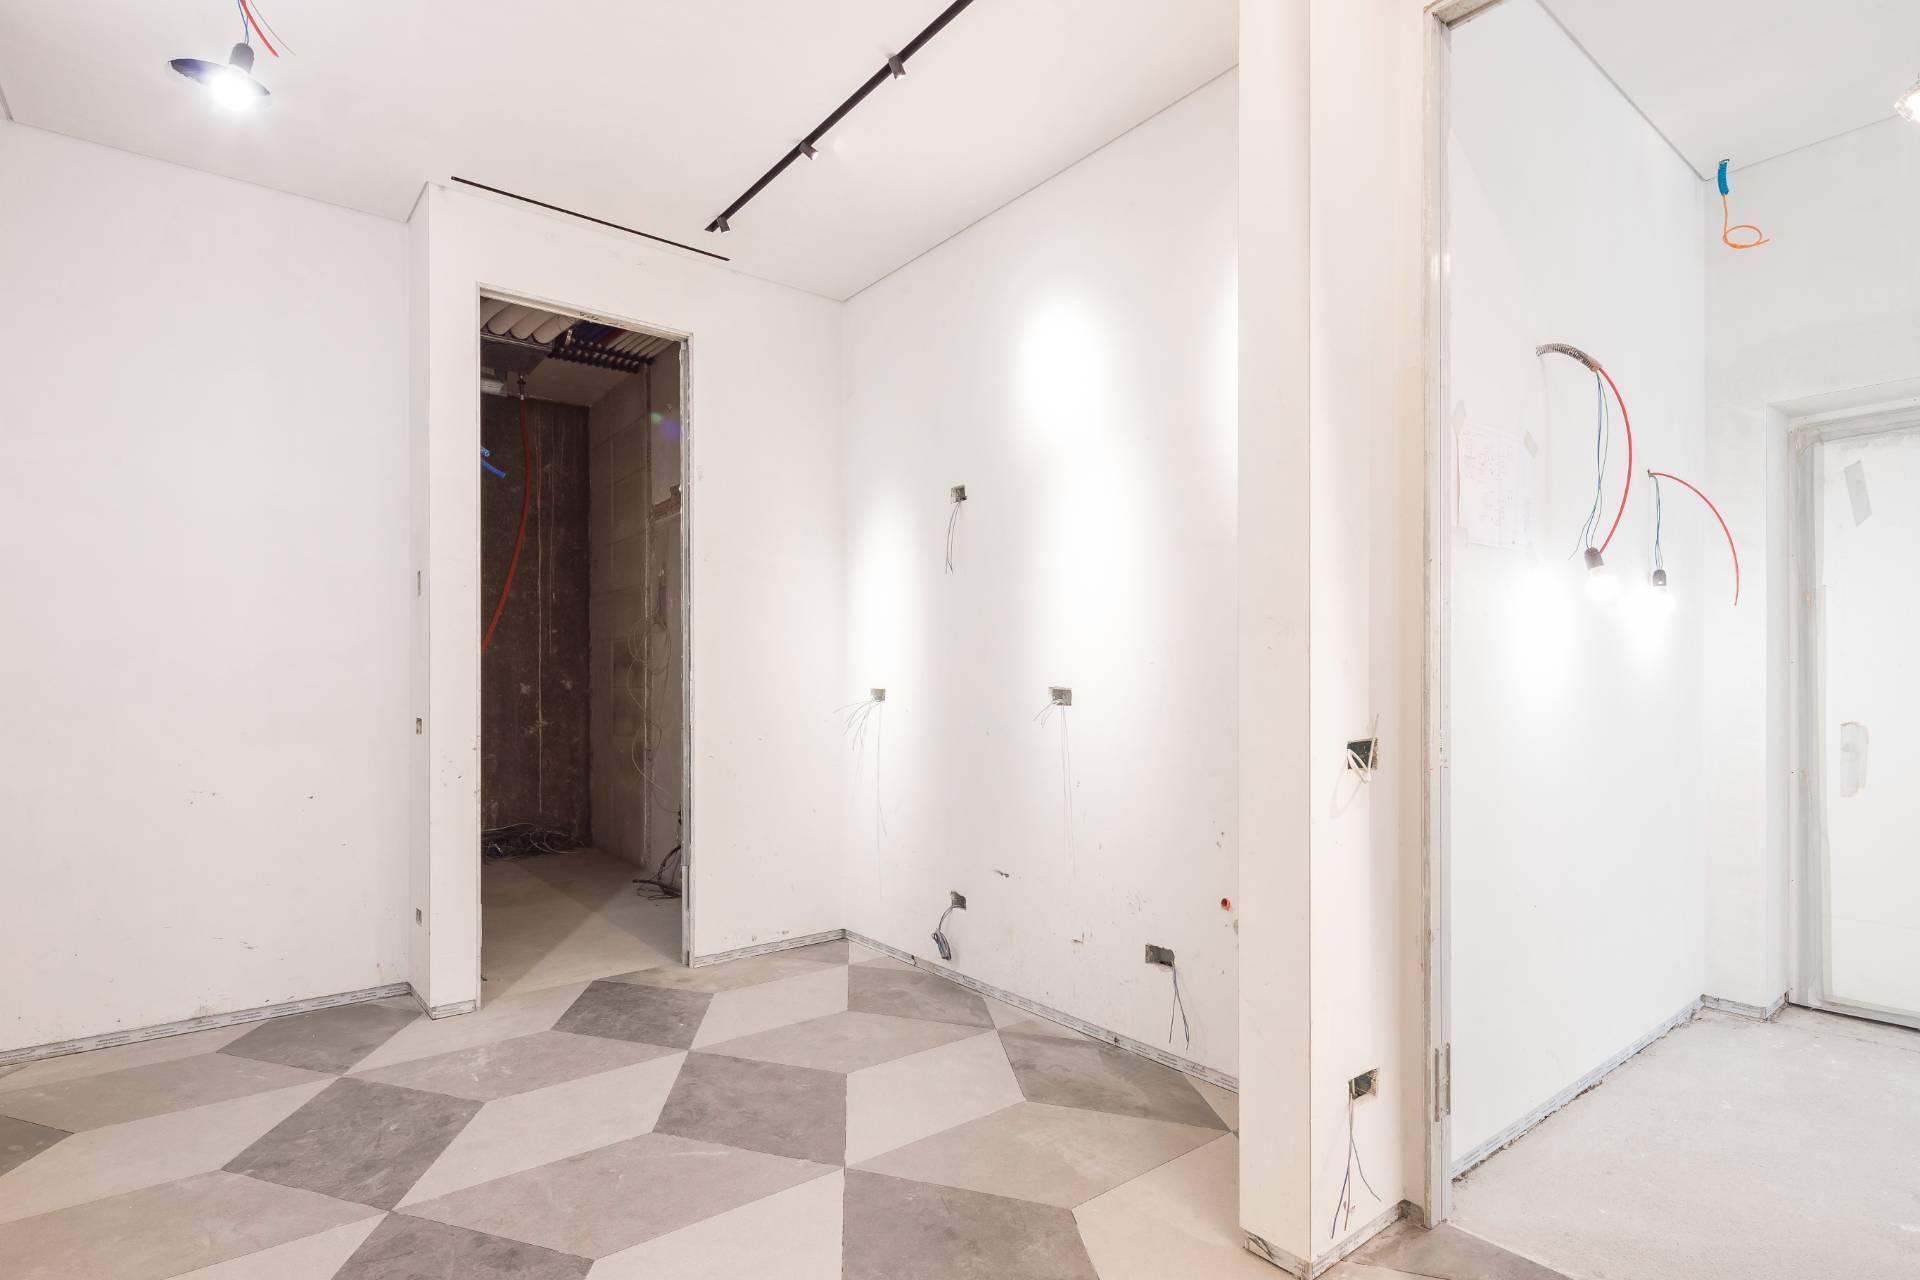 Appartamento signorile in Via Mascagni - 8